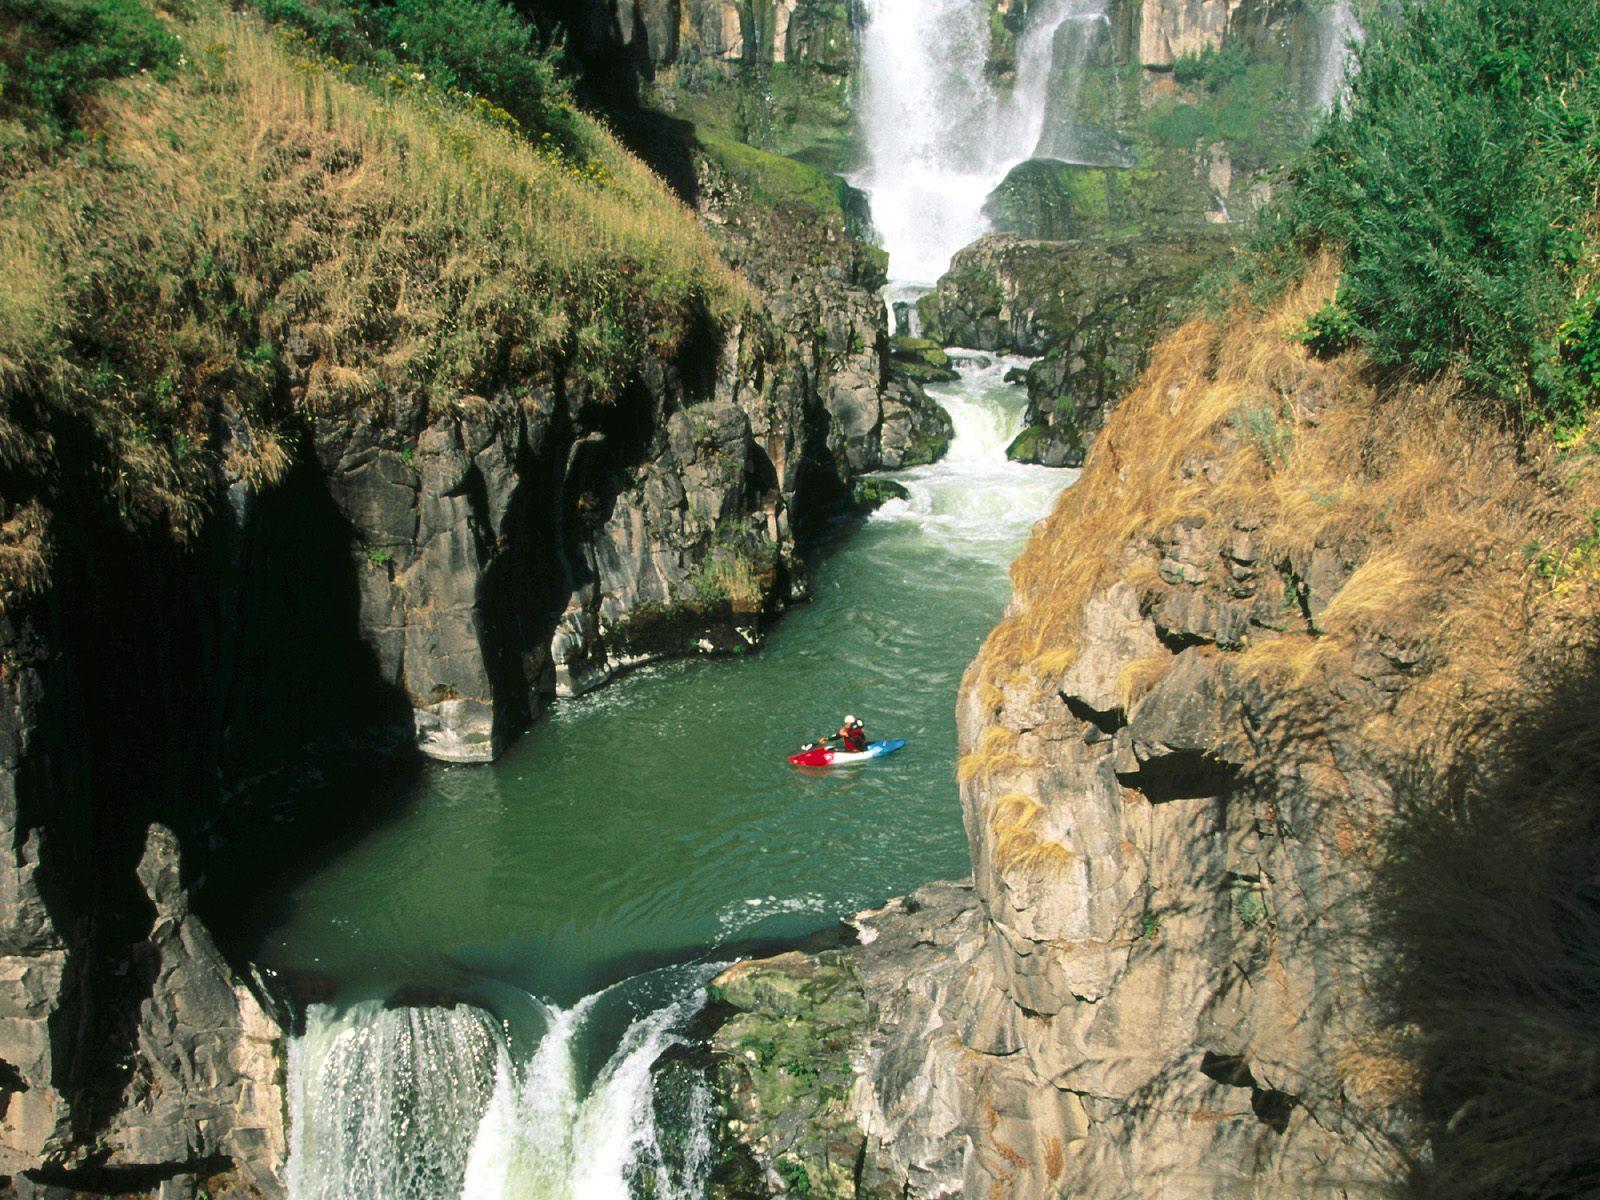 Looking Glass Falls Wallpaper The World S Best Views Muttidolls